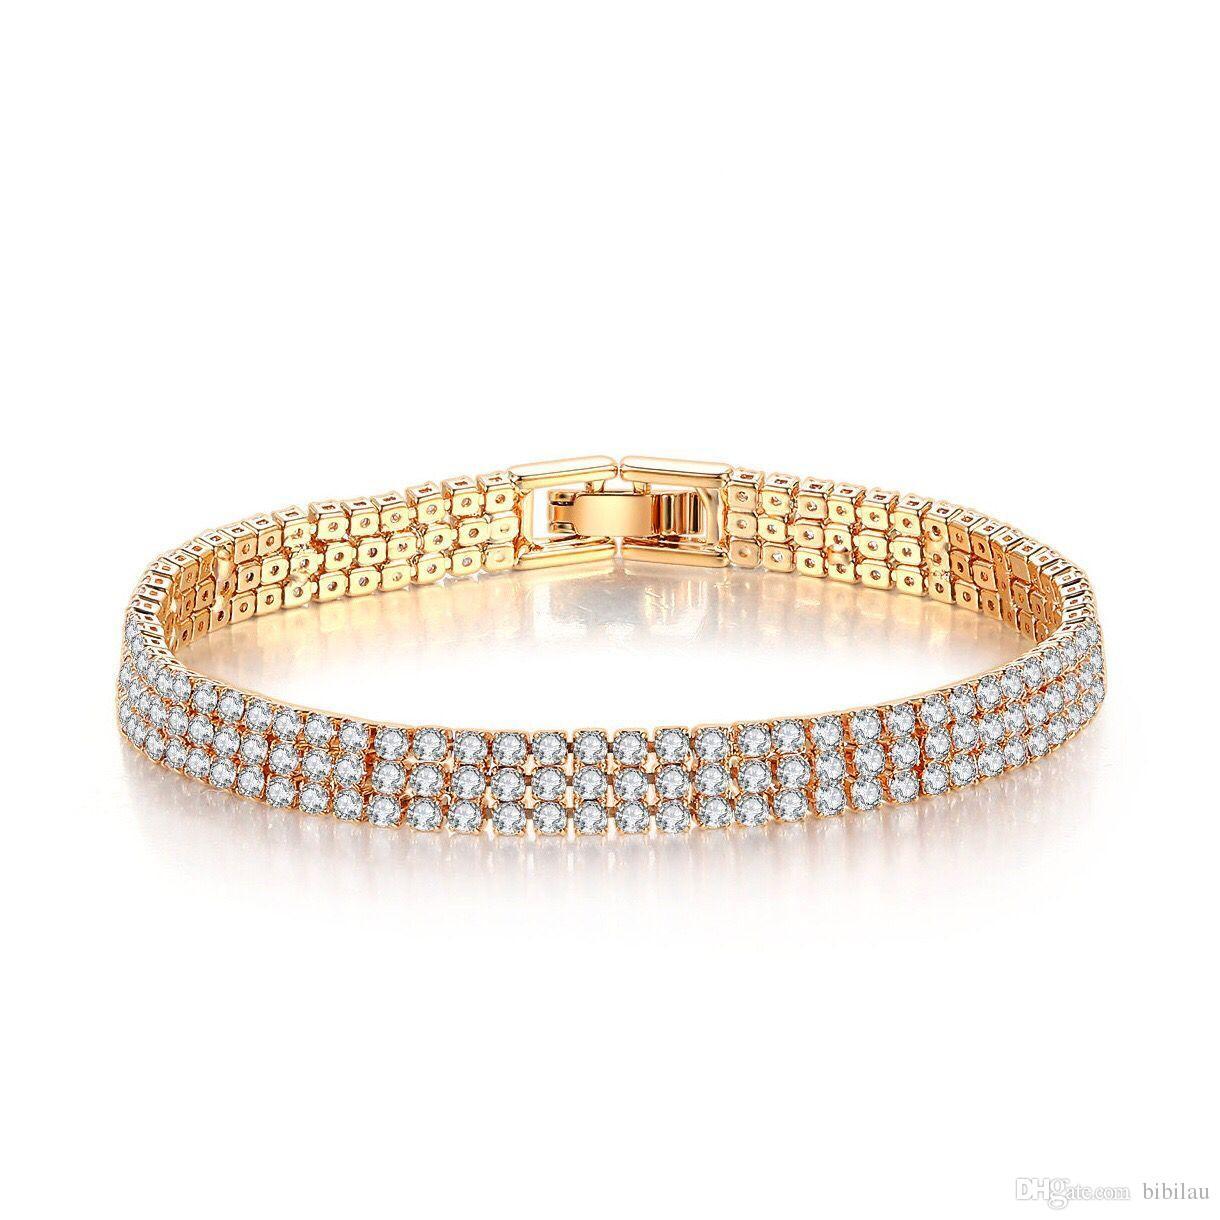 (346B) 18,3 см сияющий 3 линии полный Циркон браслет для женщин 2 золотой цвет выбор ювелирных изделий Моды свинца и никеля бесплатно